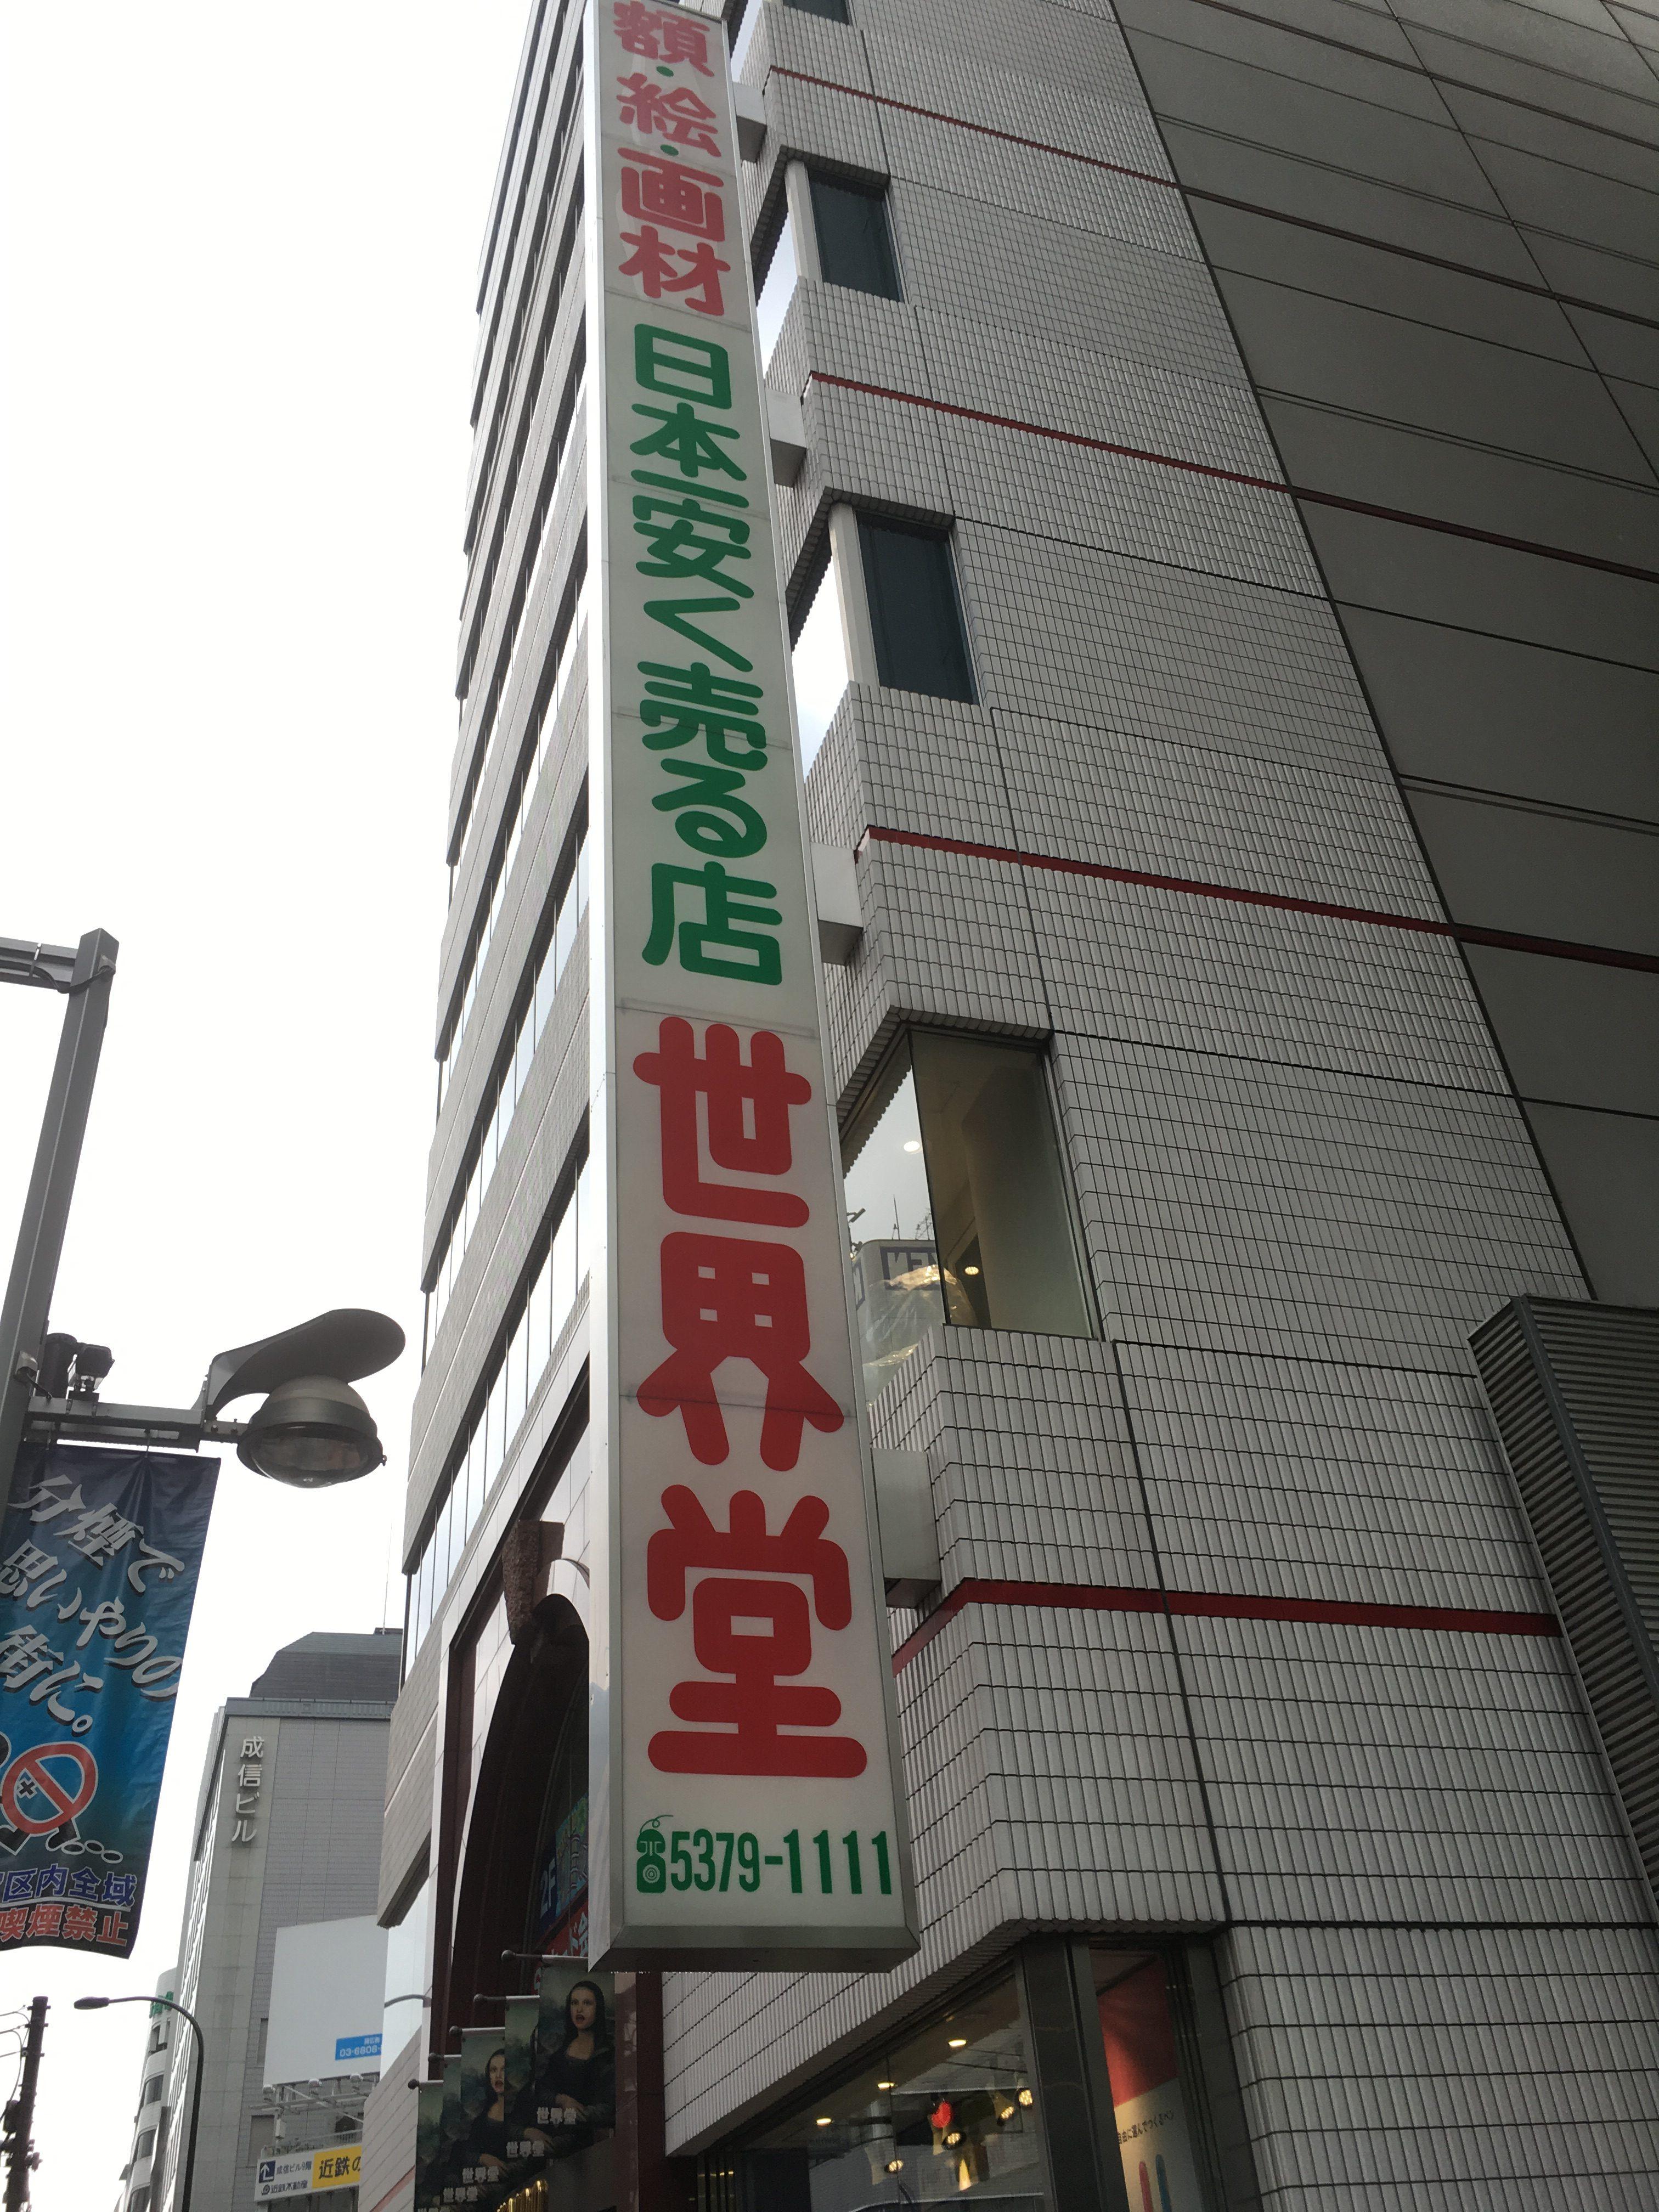 文房具も安い!世界堂 新宿本店に行ってきました